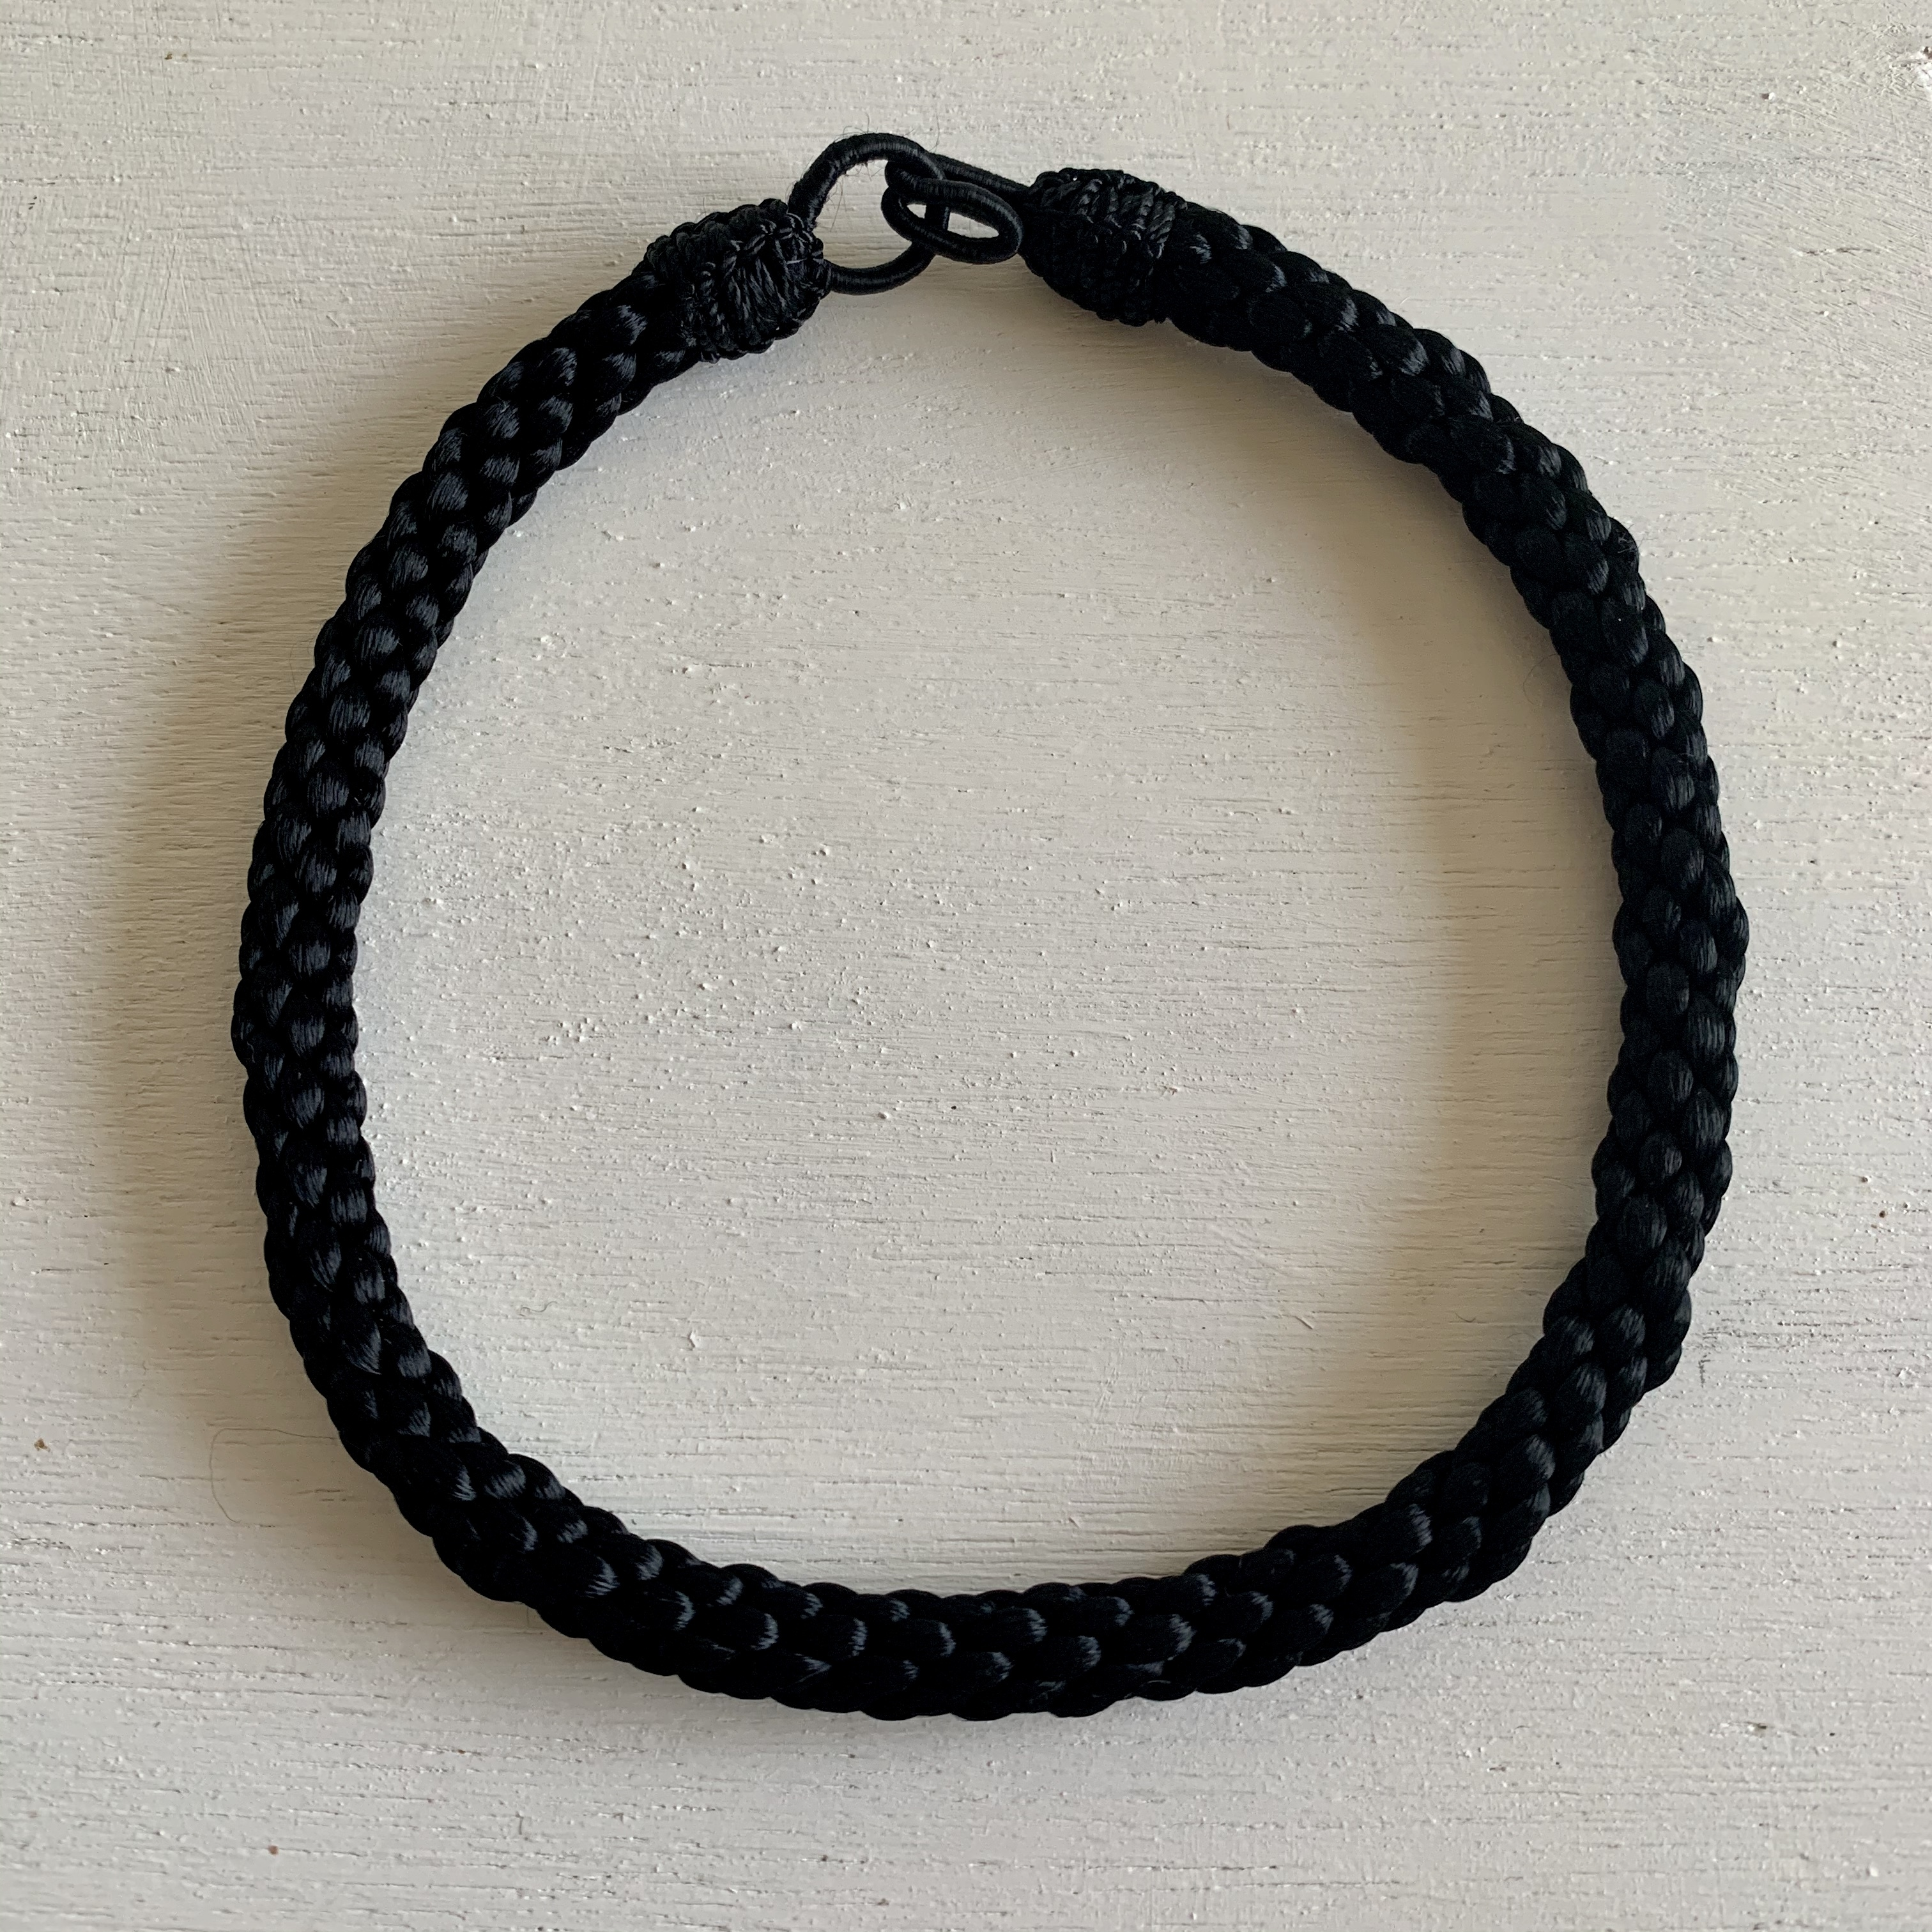 カクタスシルクのチョーカーネックレス ブラック